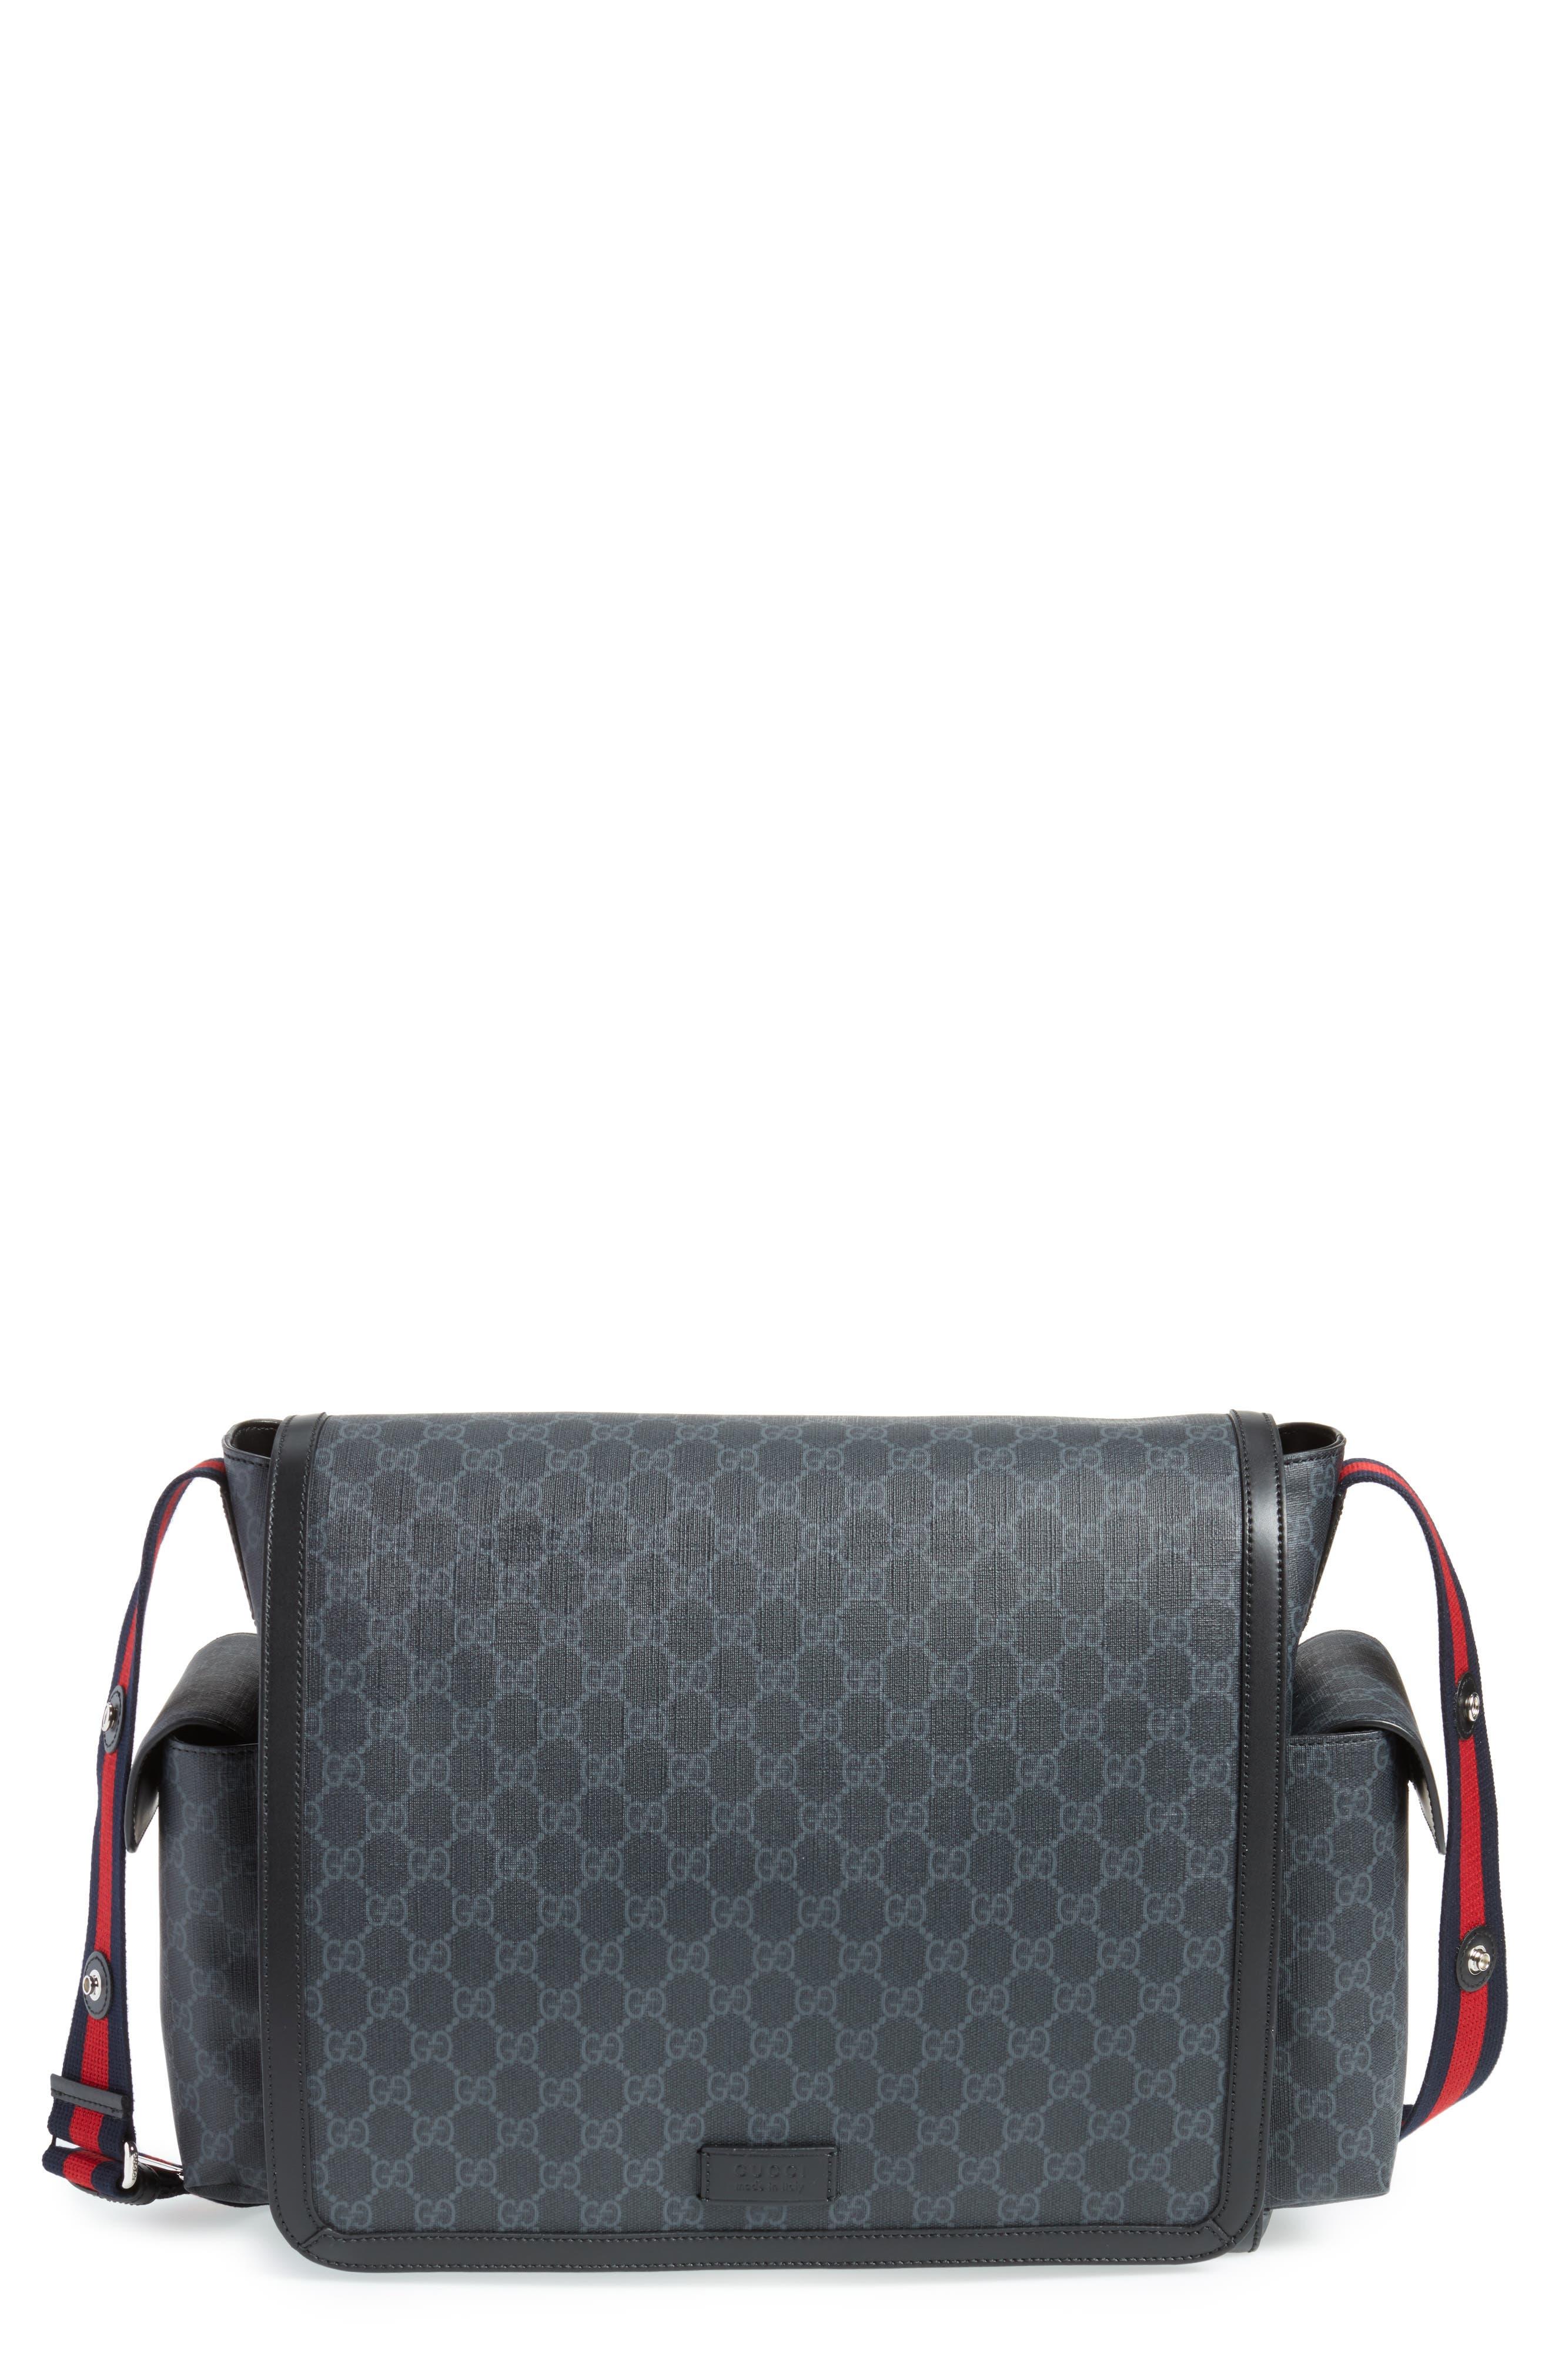 GG Supreme Canvas Diaper Bag,                         Main,                         color, 007